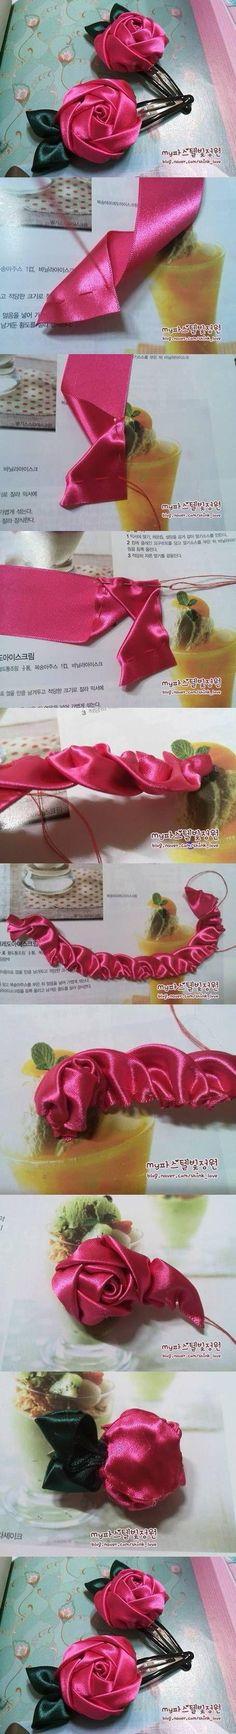 una hermosa rosa (accesorio para el cabello)